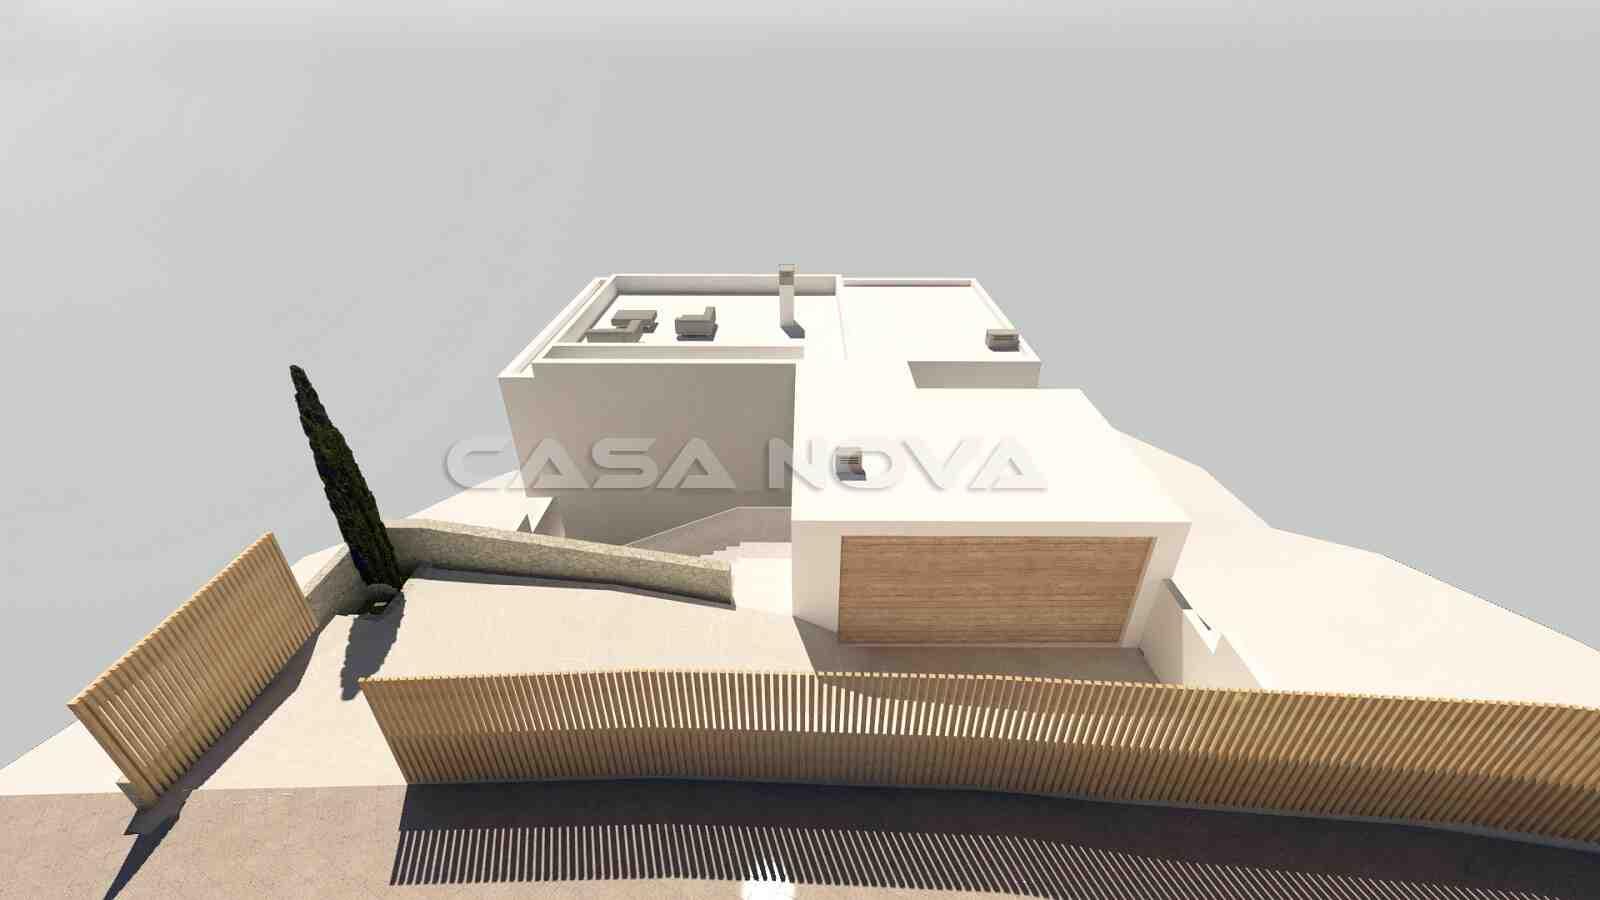 Einfahrt und Garage des Villenprojektes in Son Vida